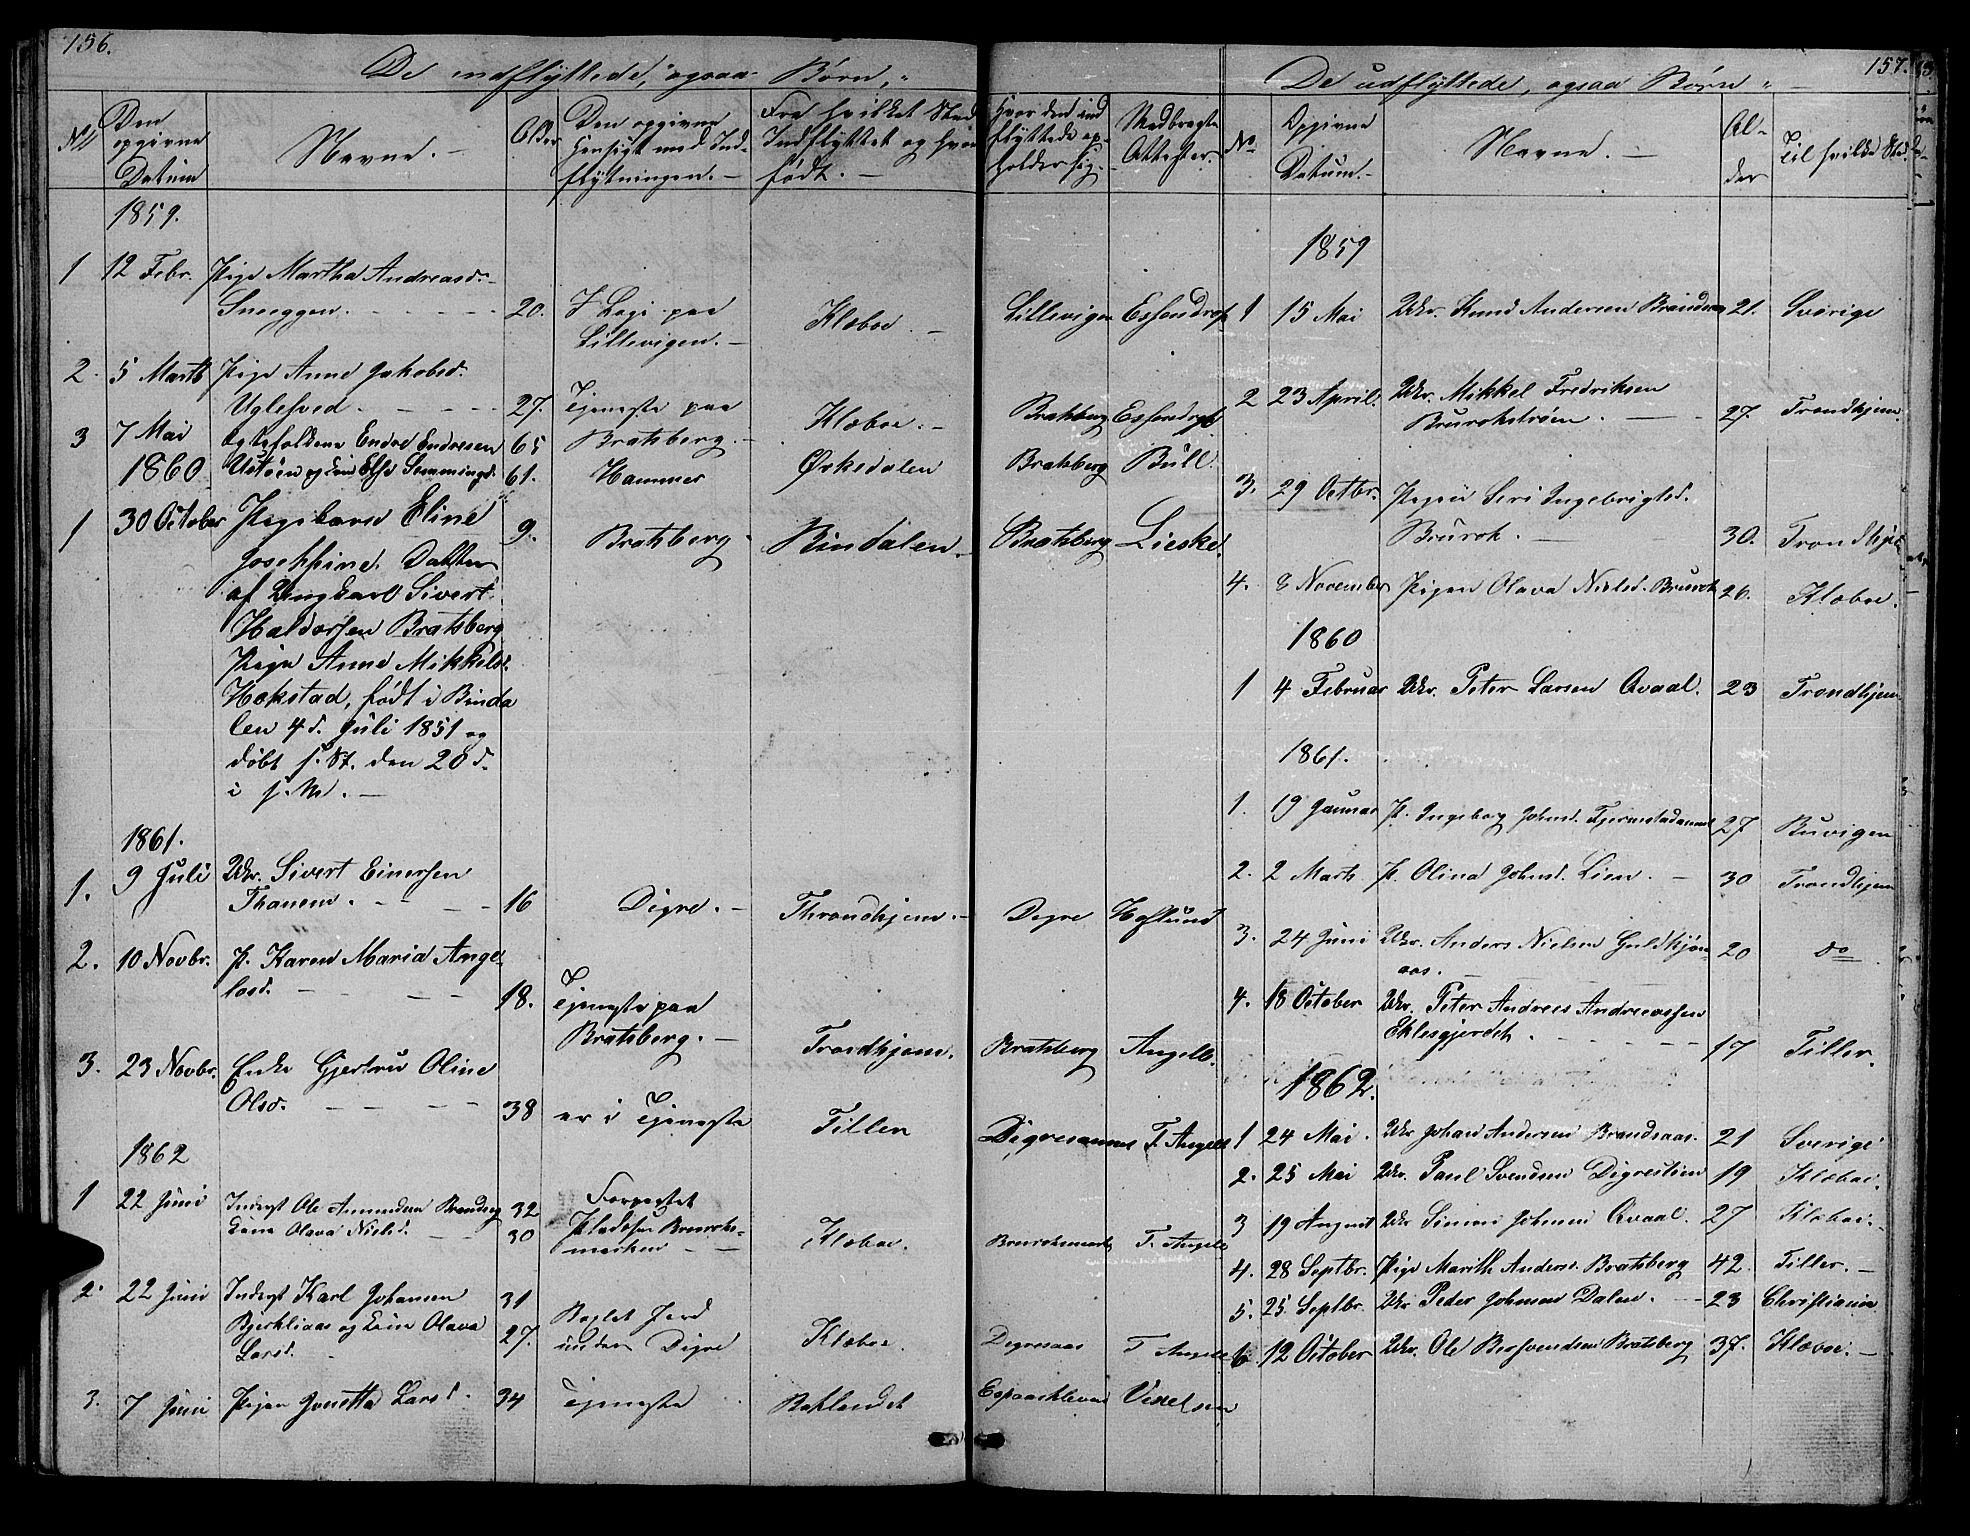 SAT, Ministerialprotokoller, klokkerbøker og fødselsregistre - Sør-Trøndelag, 608/L0339: Klokkerbok nr. 608C05, 1844-1863, s. 156-157